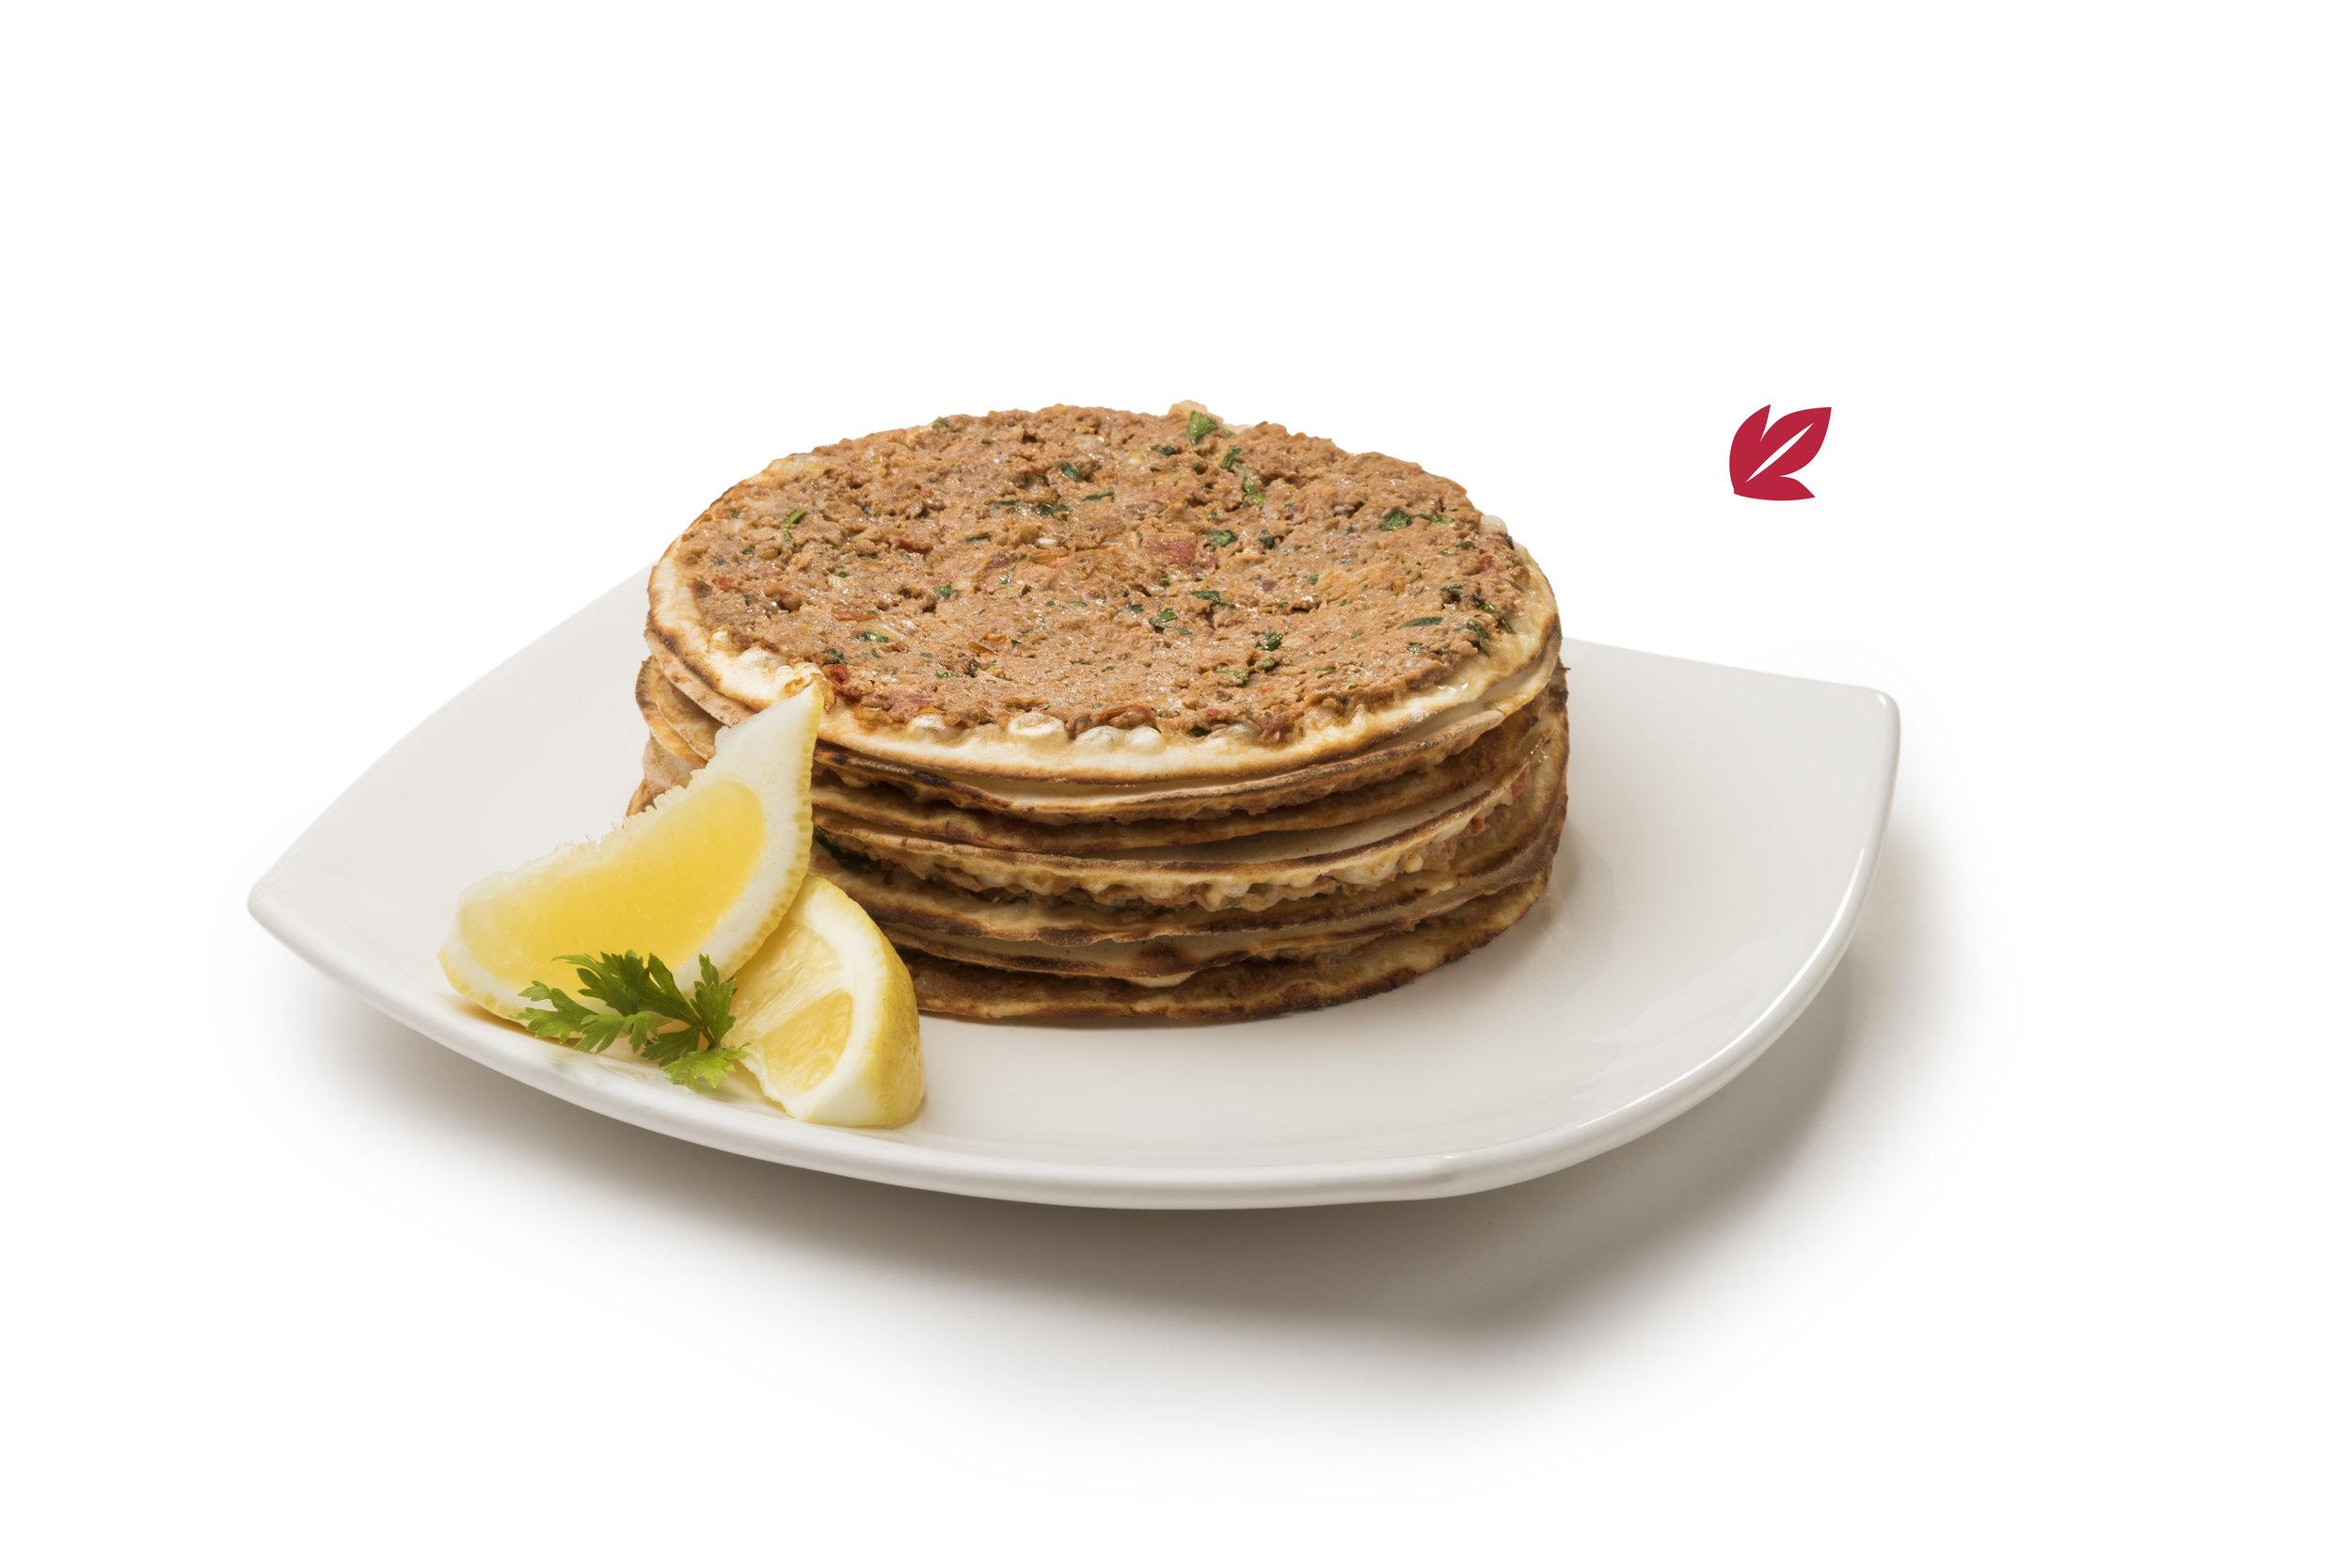 Lehmeyun - Fina y original pizzeta árabe de carne con verduras condimentadas.Opción: con ensalada o con mozzarella$75